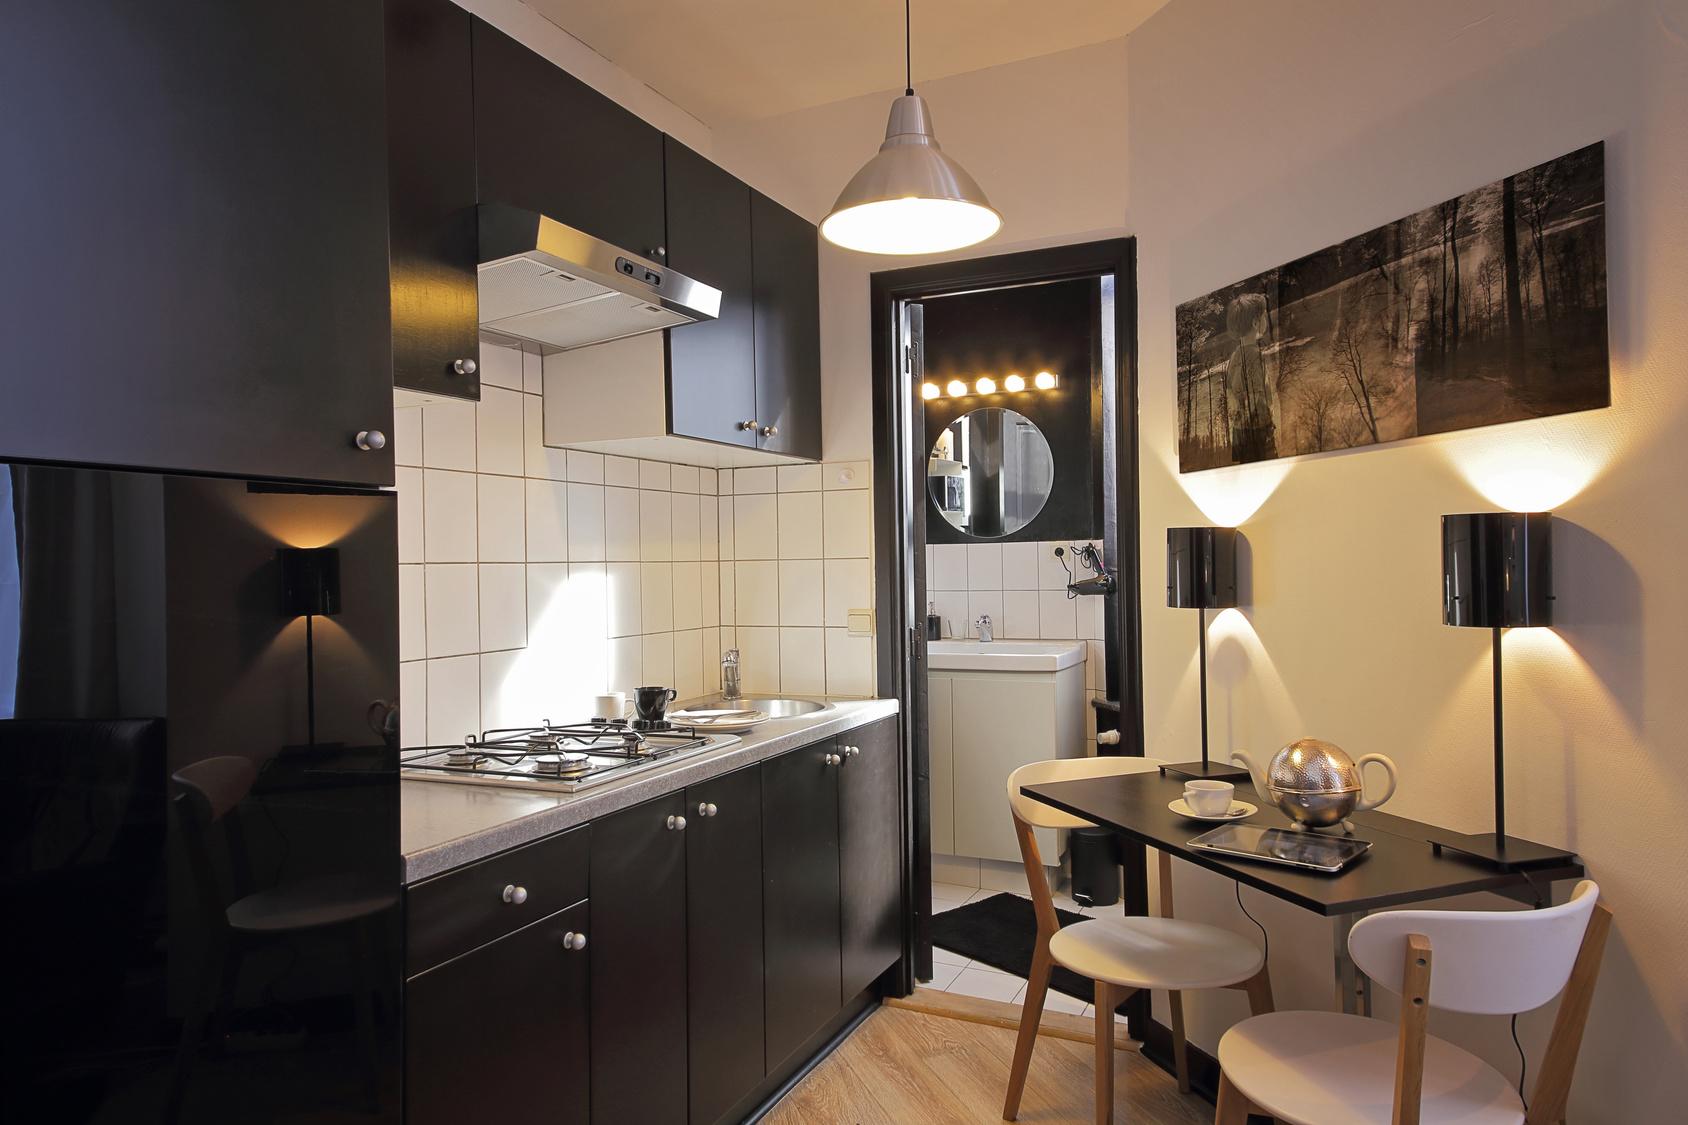 Дизайн кухни однокомнатной хрущевки